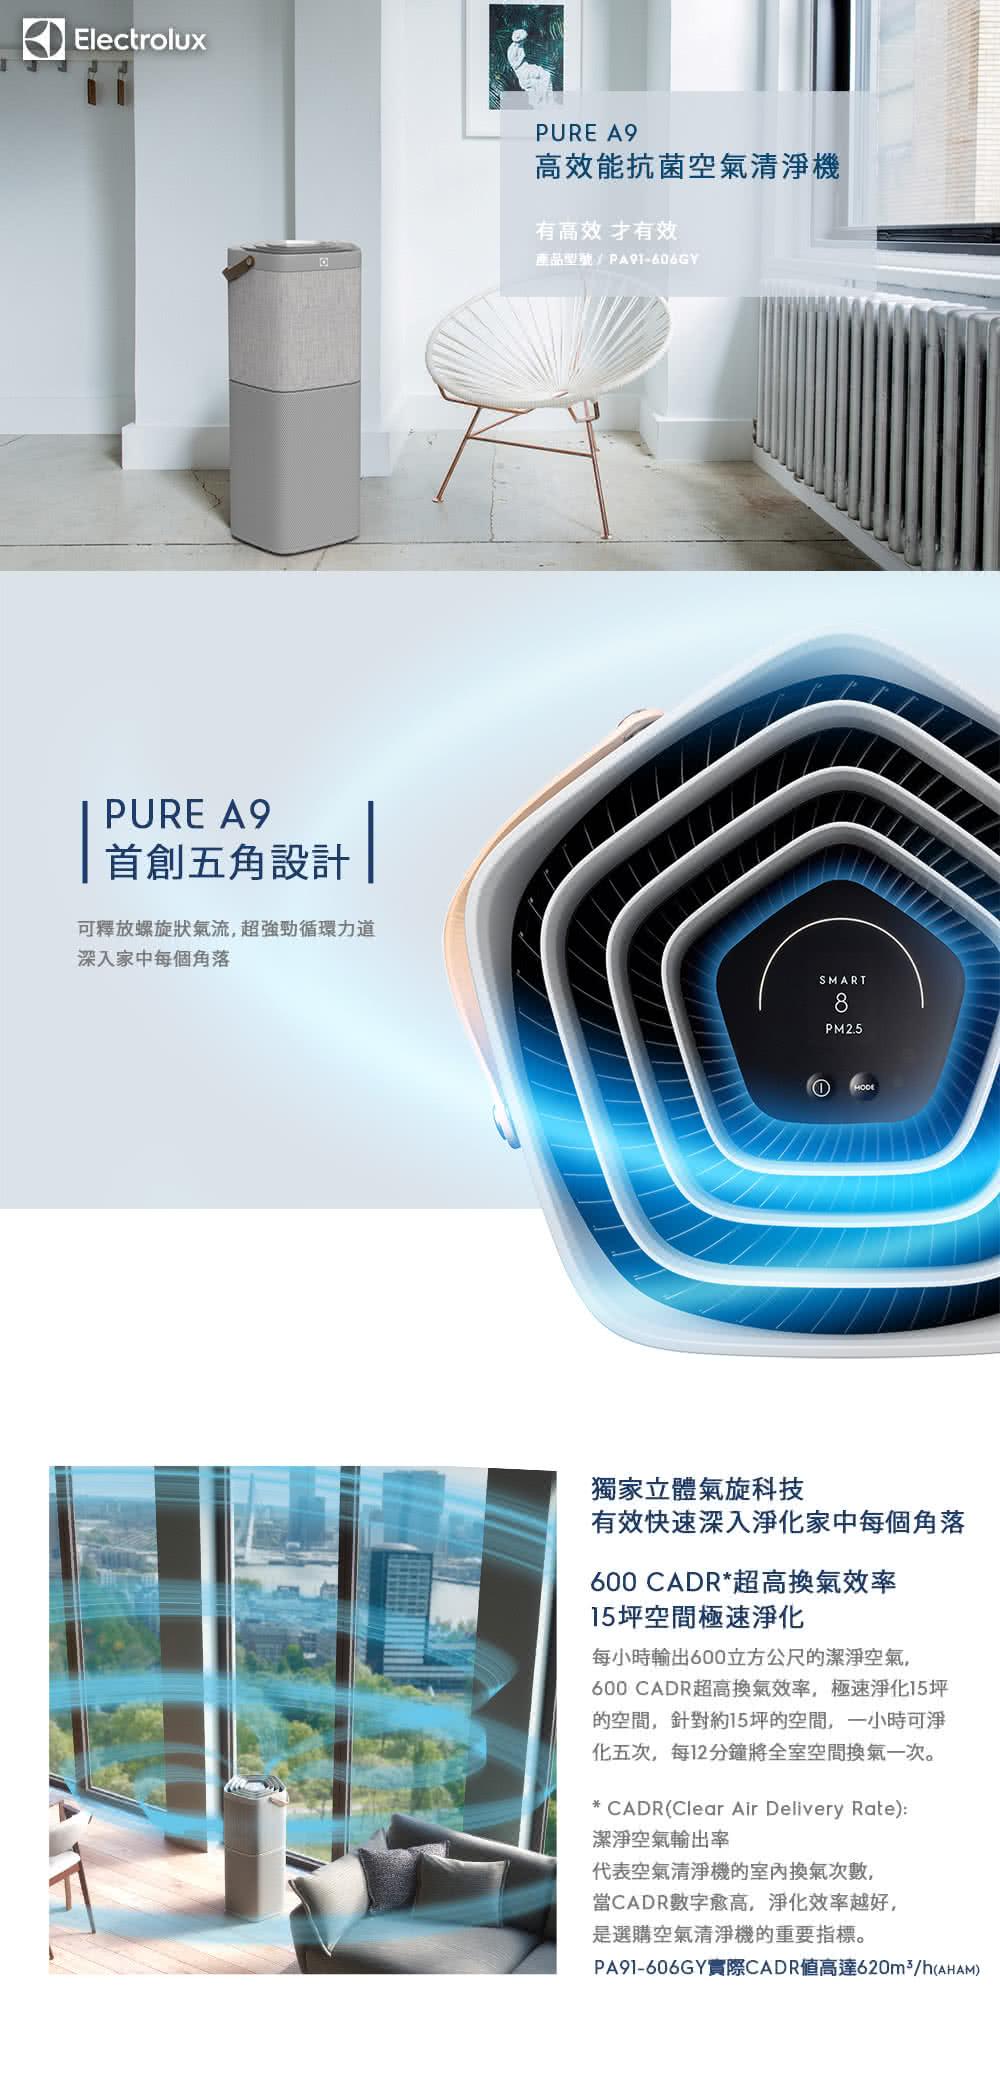 【伊萊克斯】(贈濾網)高效抗菌智能旗艦清淨機Pure A9(PA91-606DG 沉穩黑)